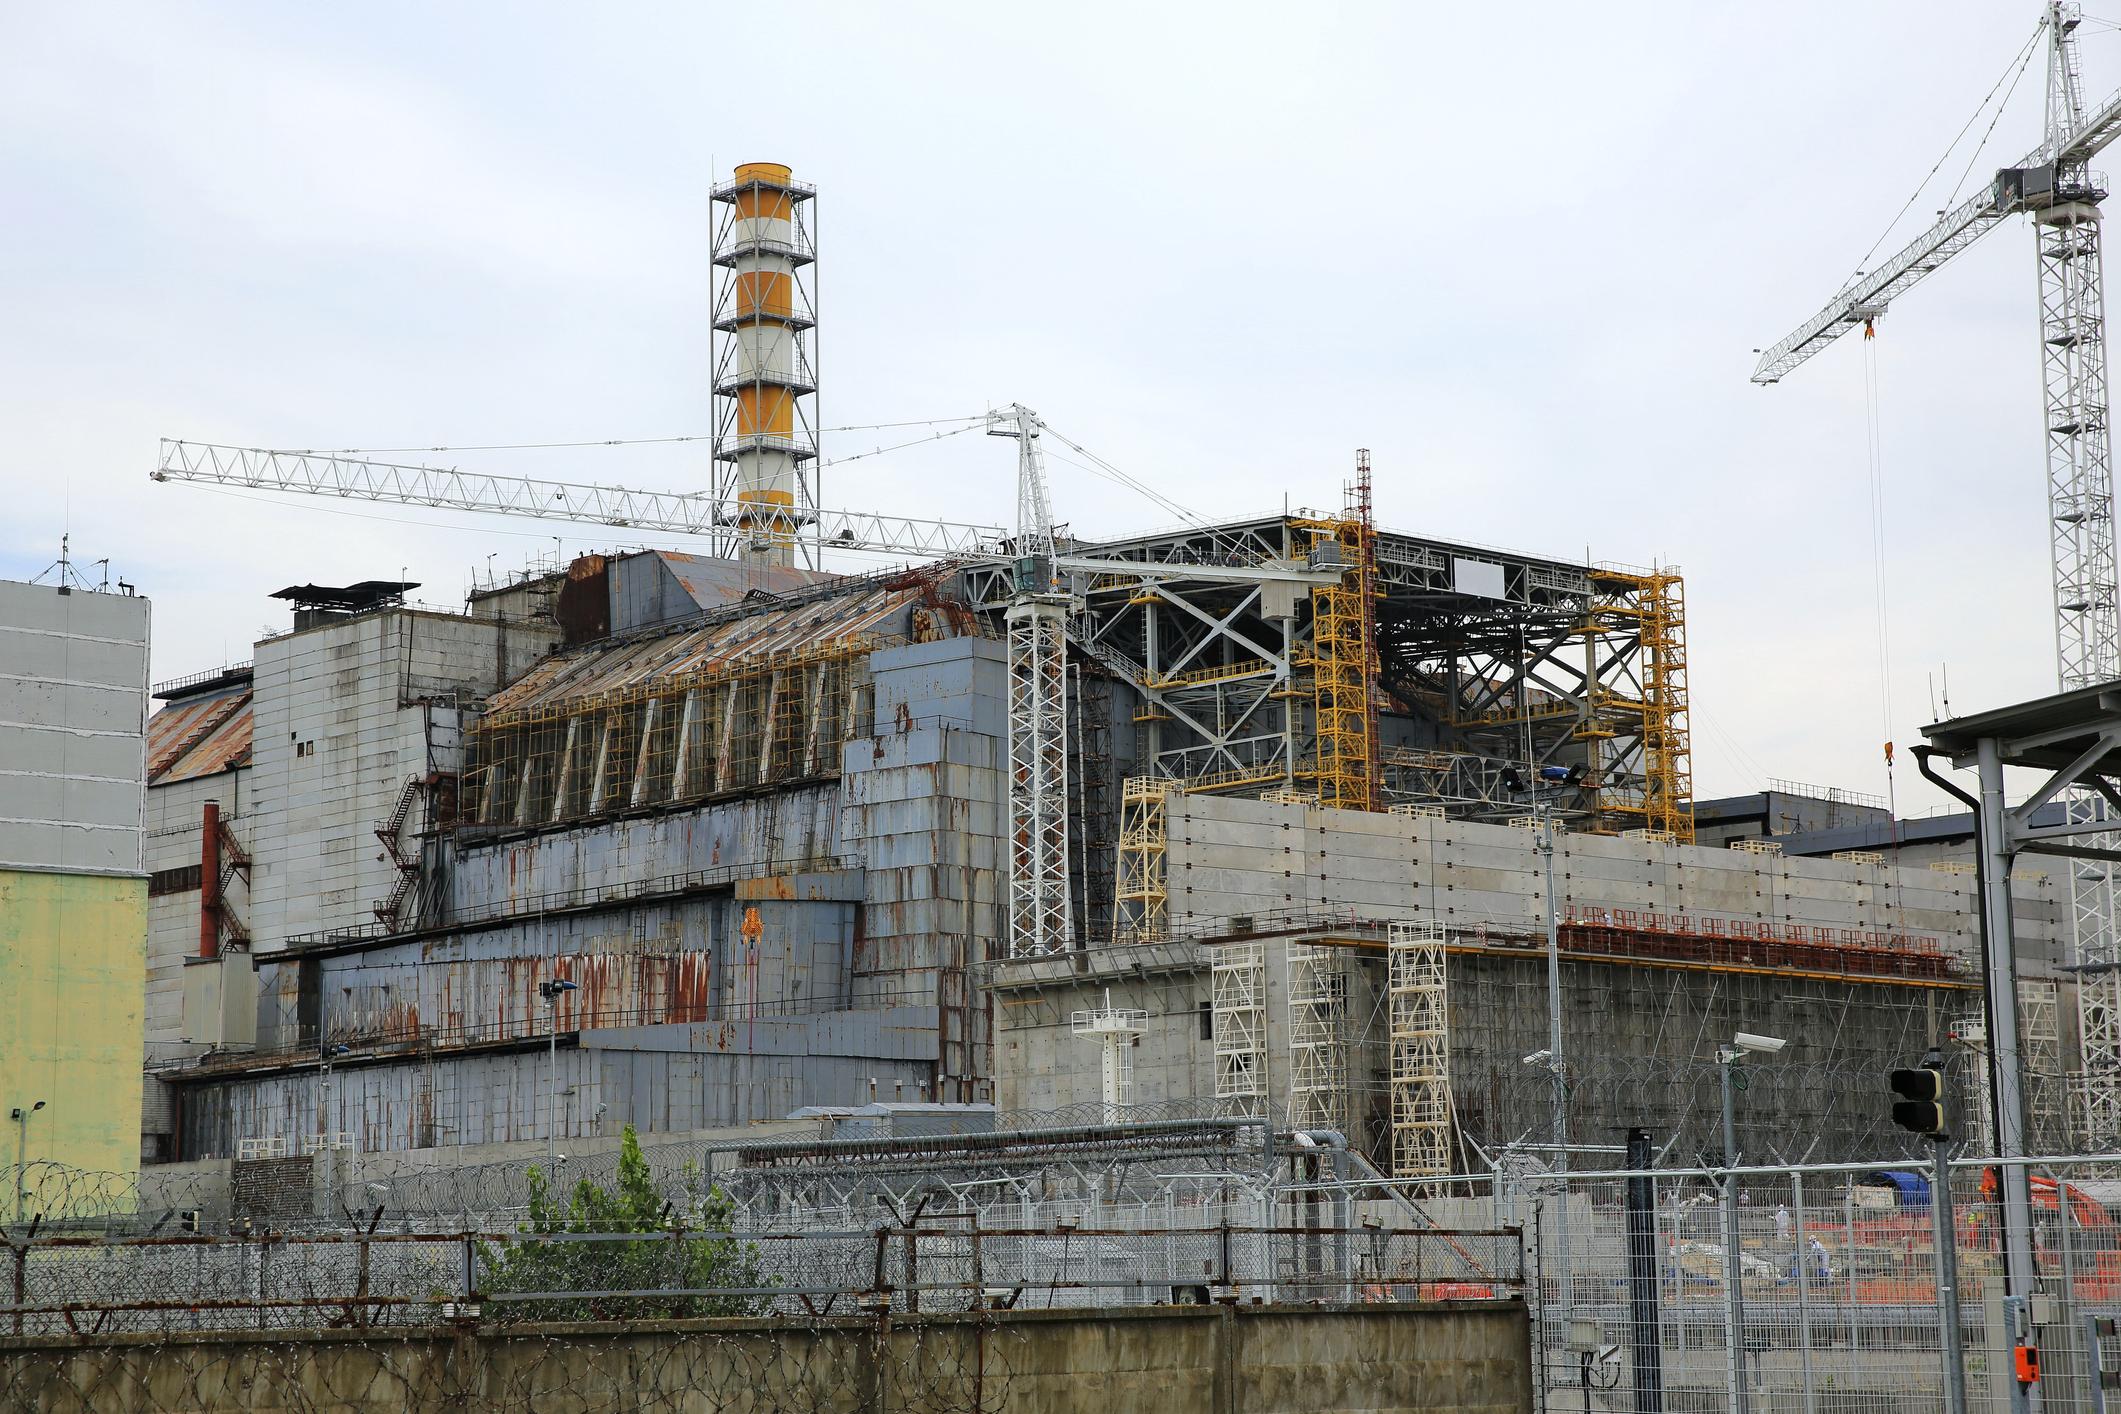 Tot mai multe radiații la Cernobîl, scrie presa din Ucraina. Experții români spun că nu există niciun pericol